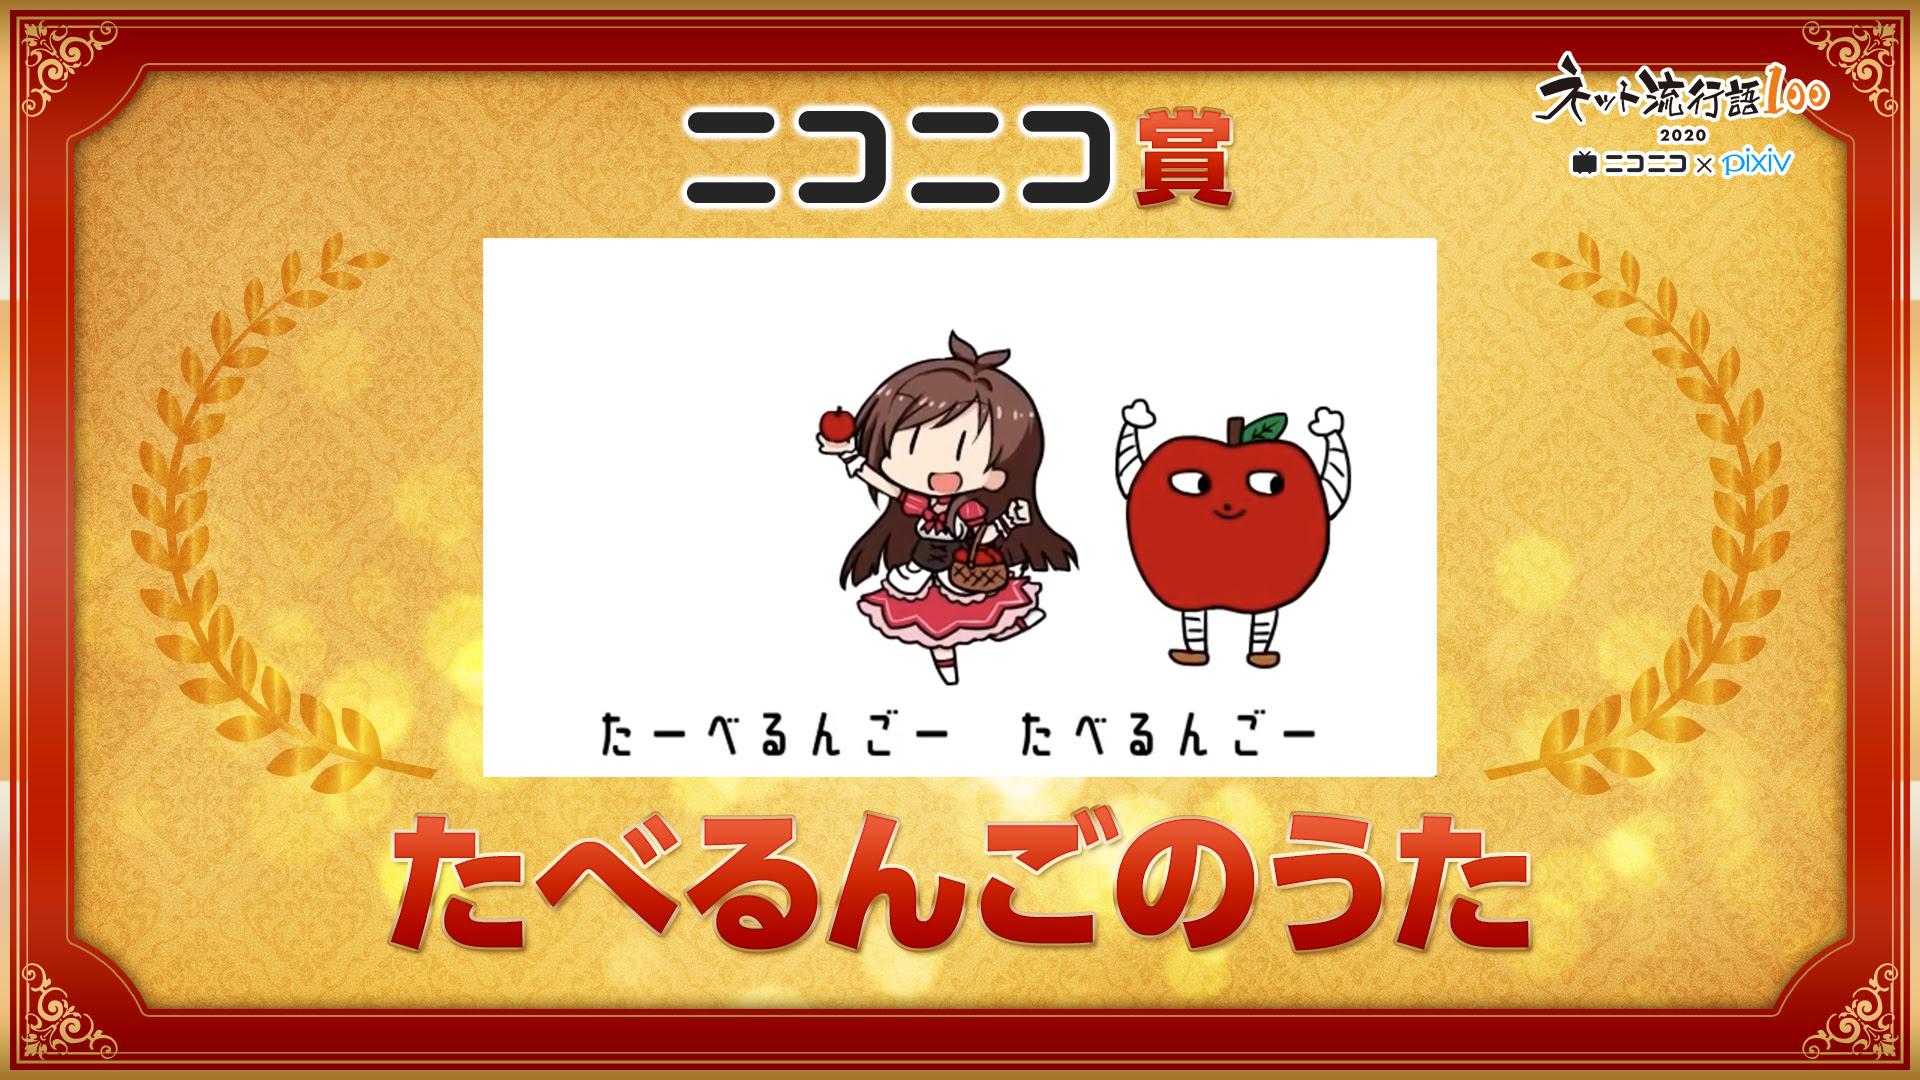 「ネット流行語100」2020 ニコニコ賞:たべるんごのうた